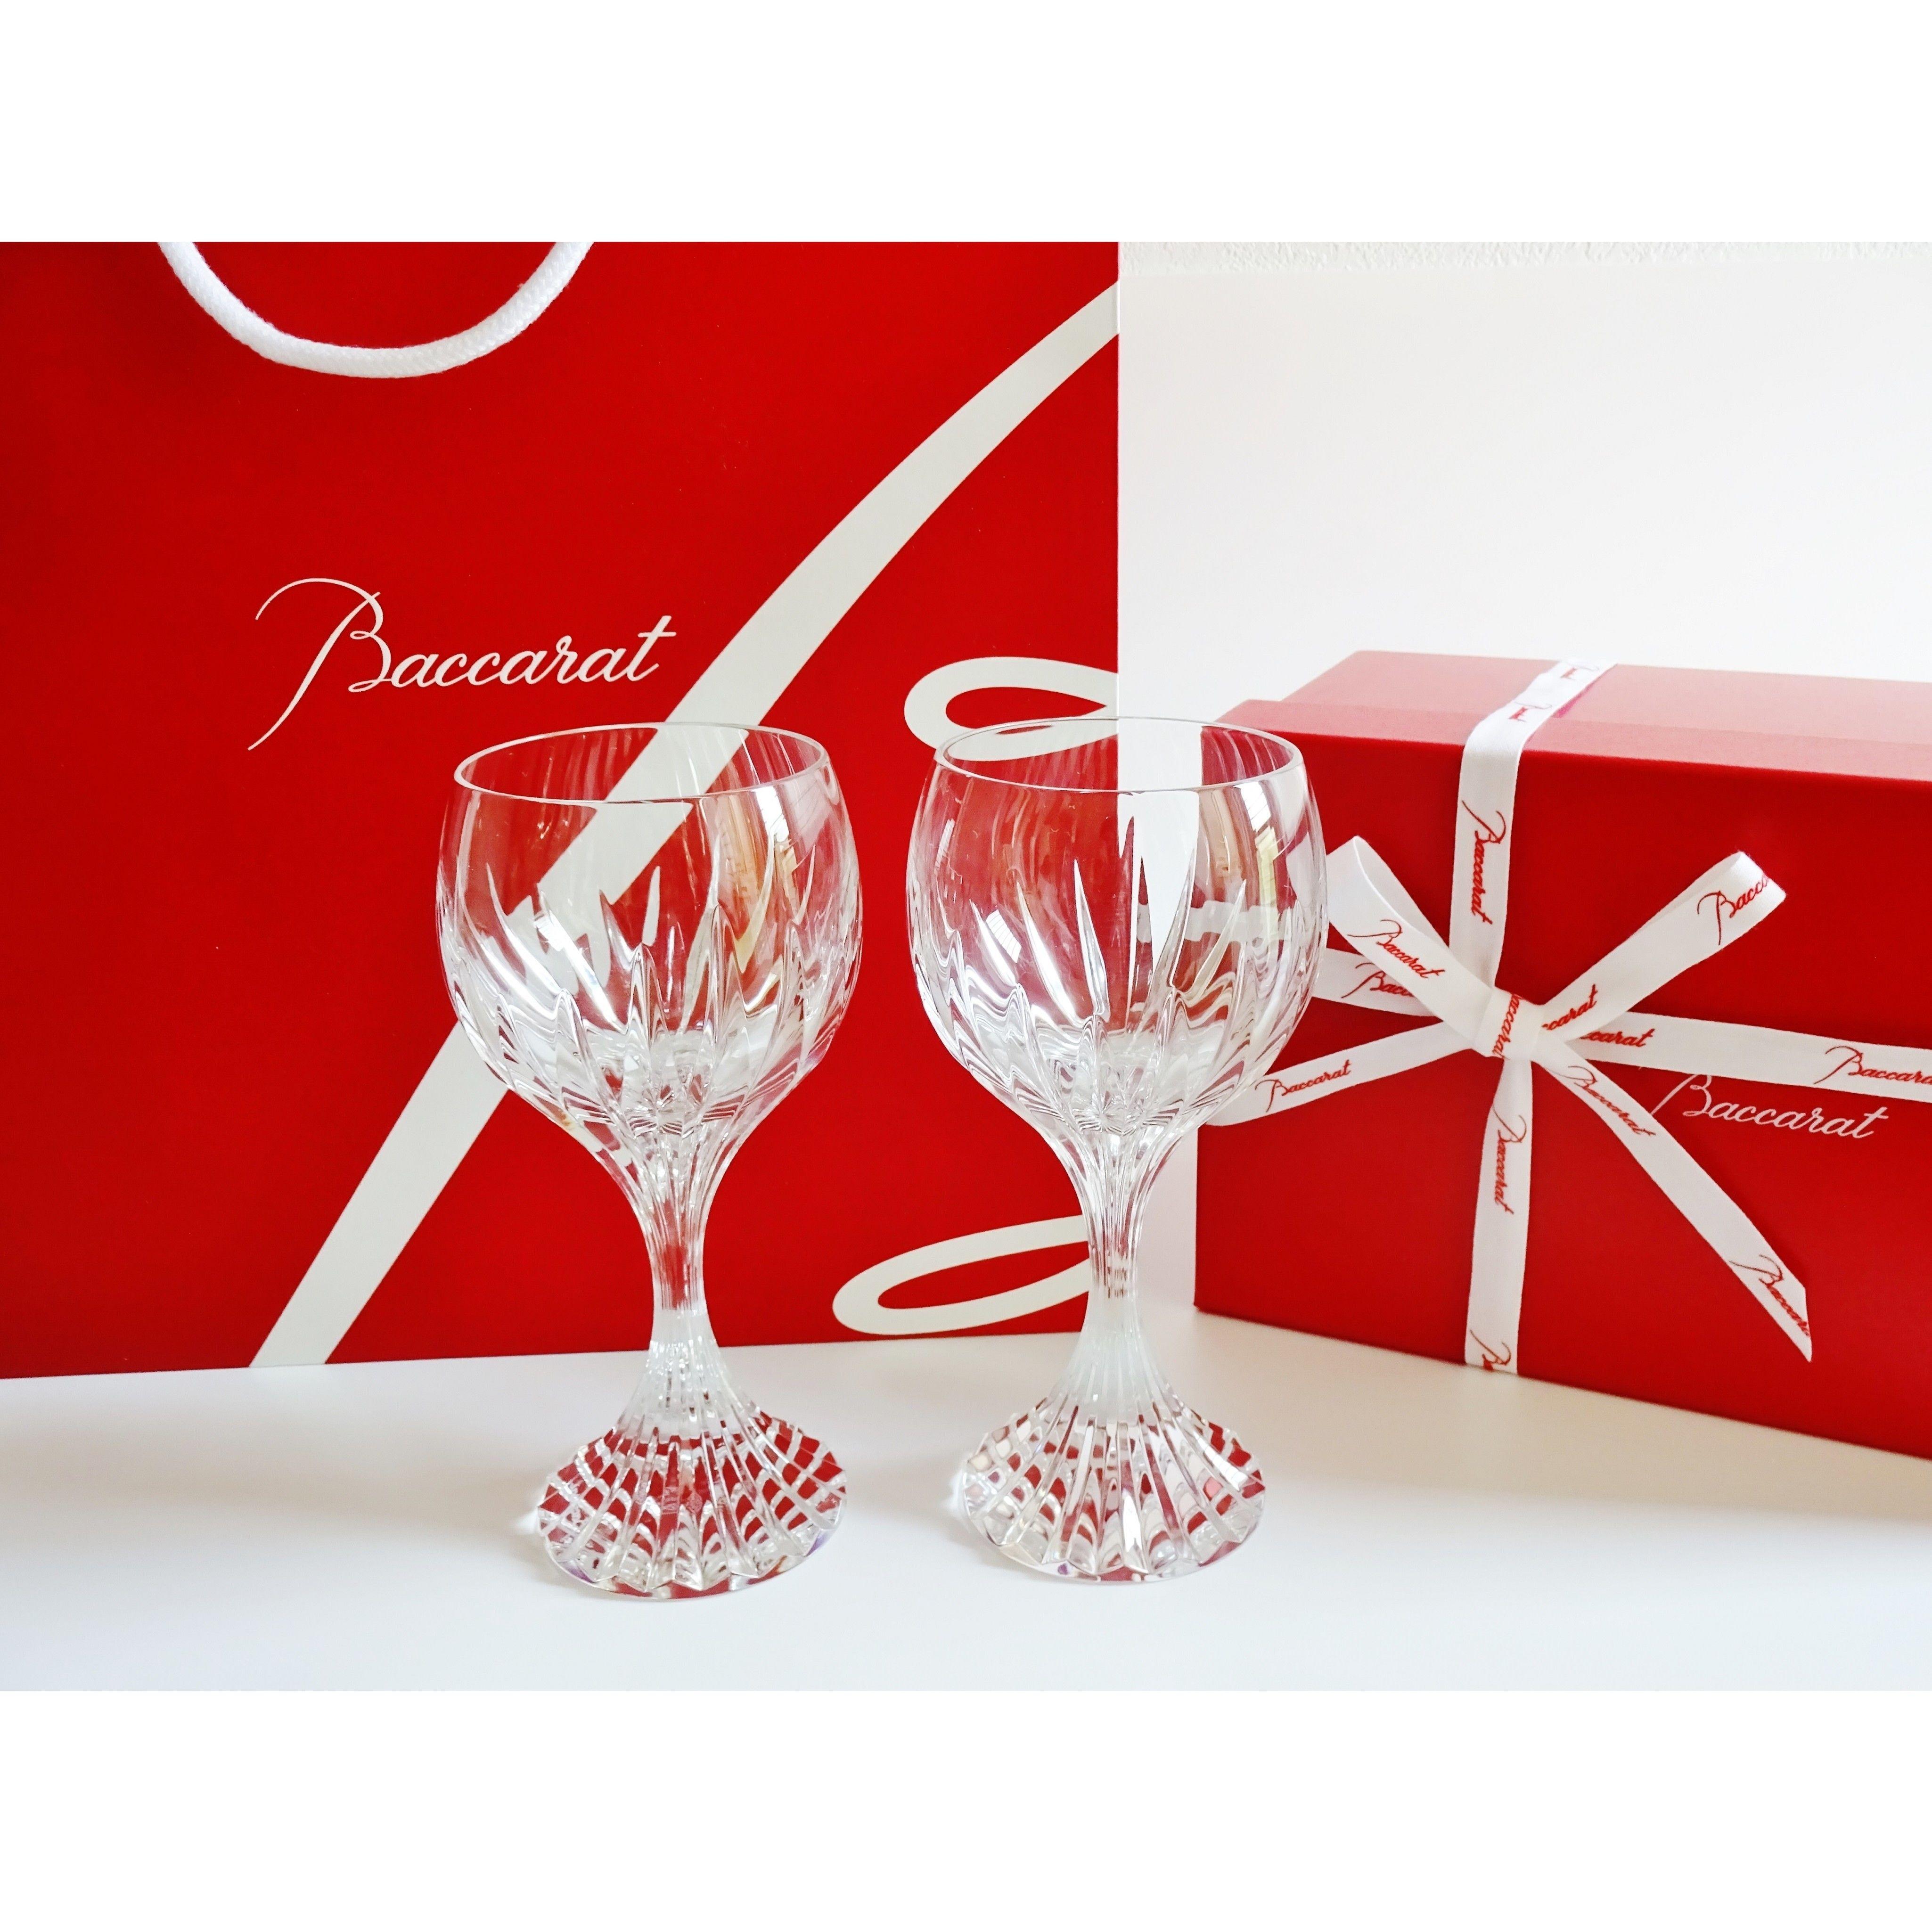 バカラ マッセナ ワイングラスL ペア(バカラブランド紙袋、リボン付き)